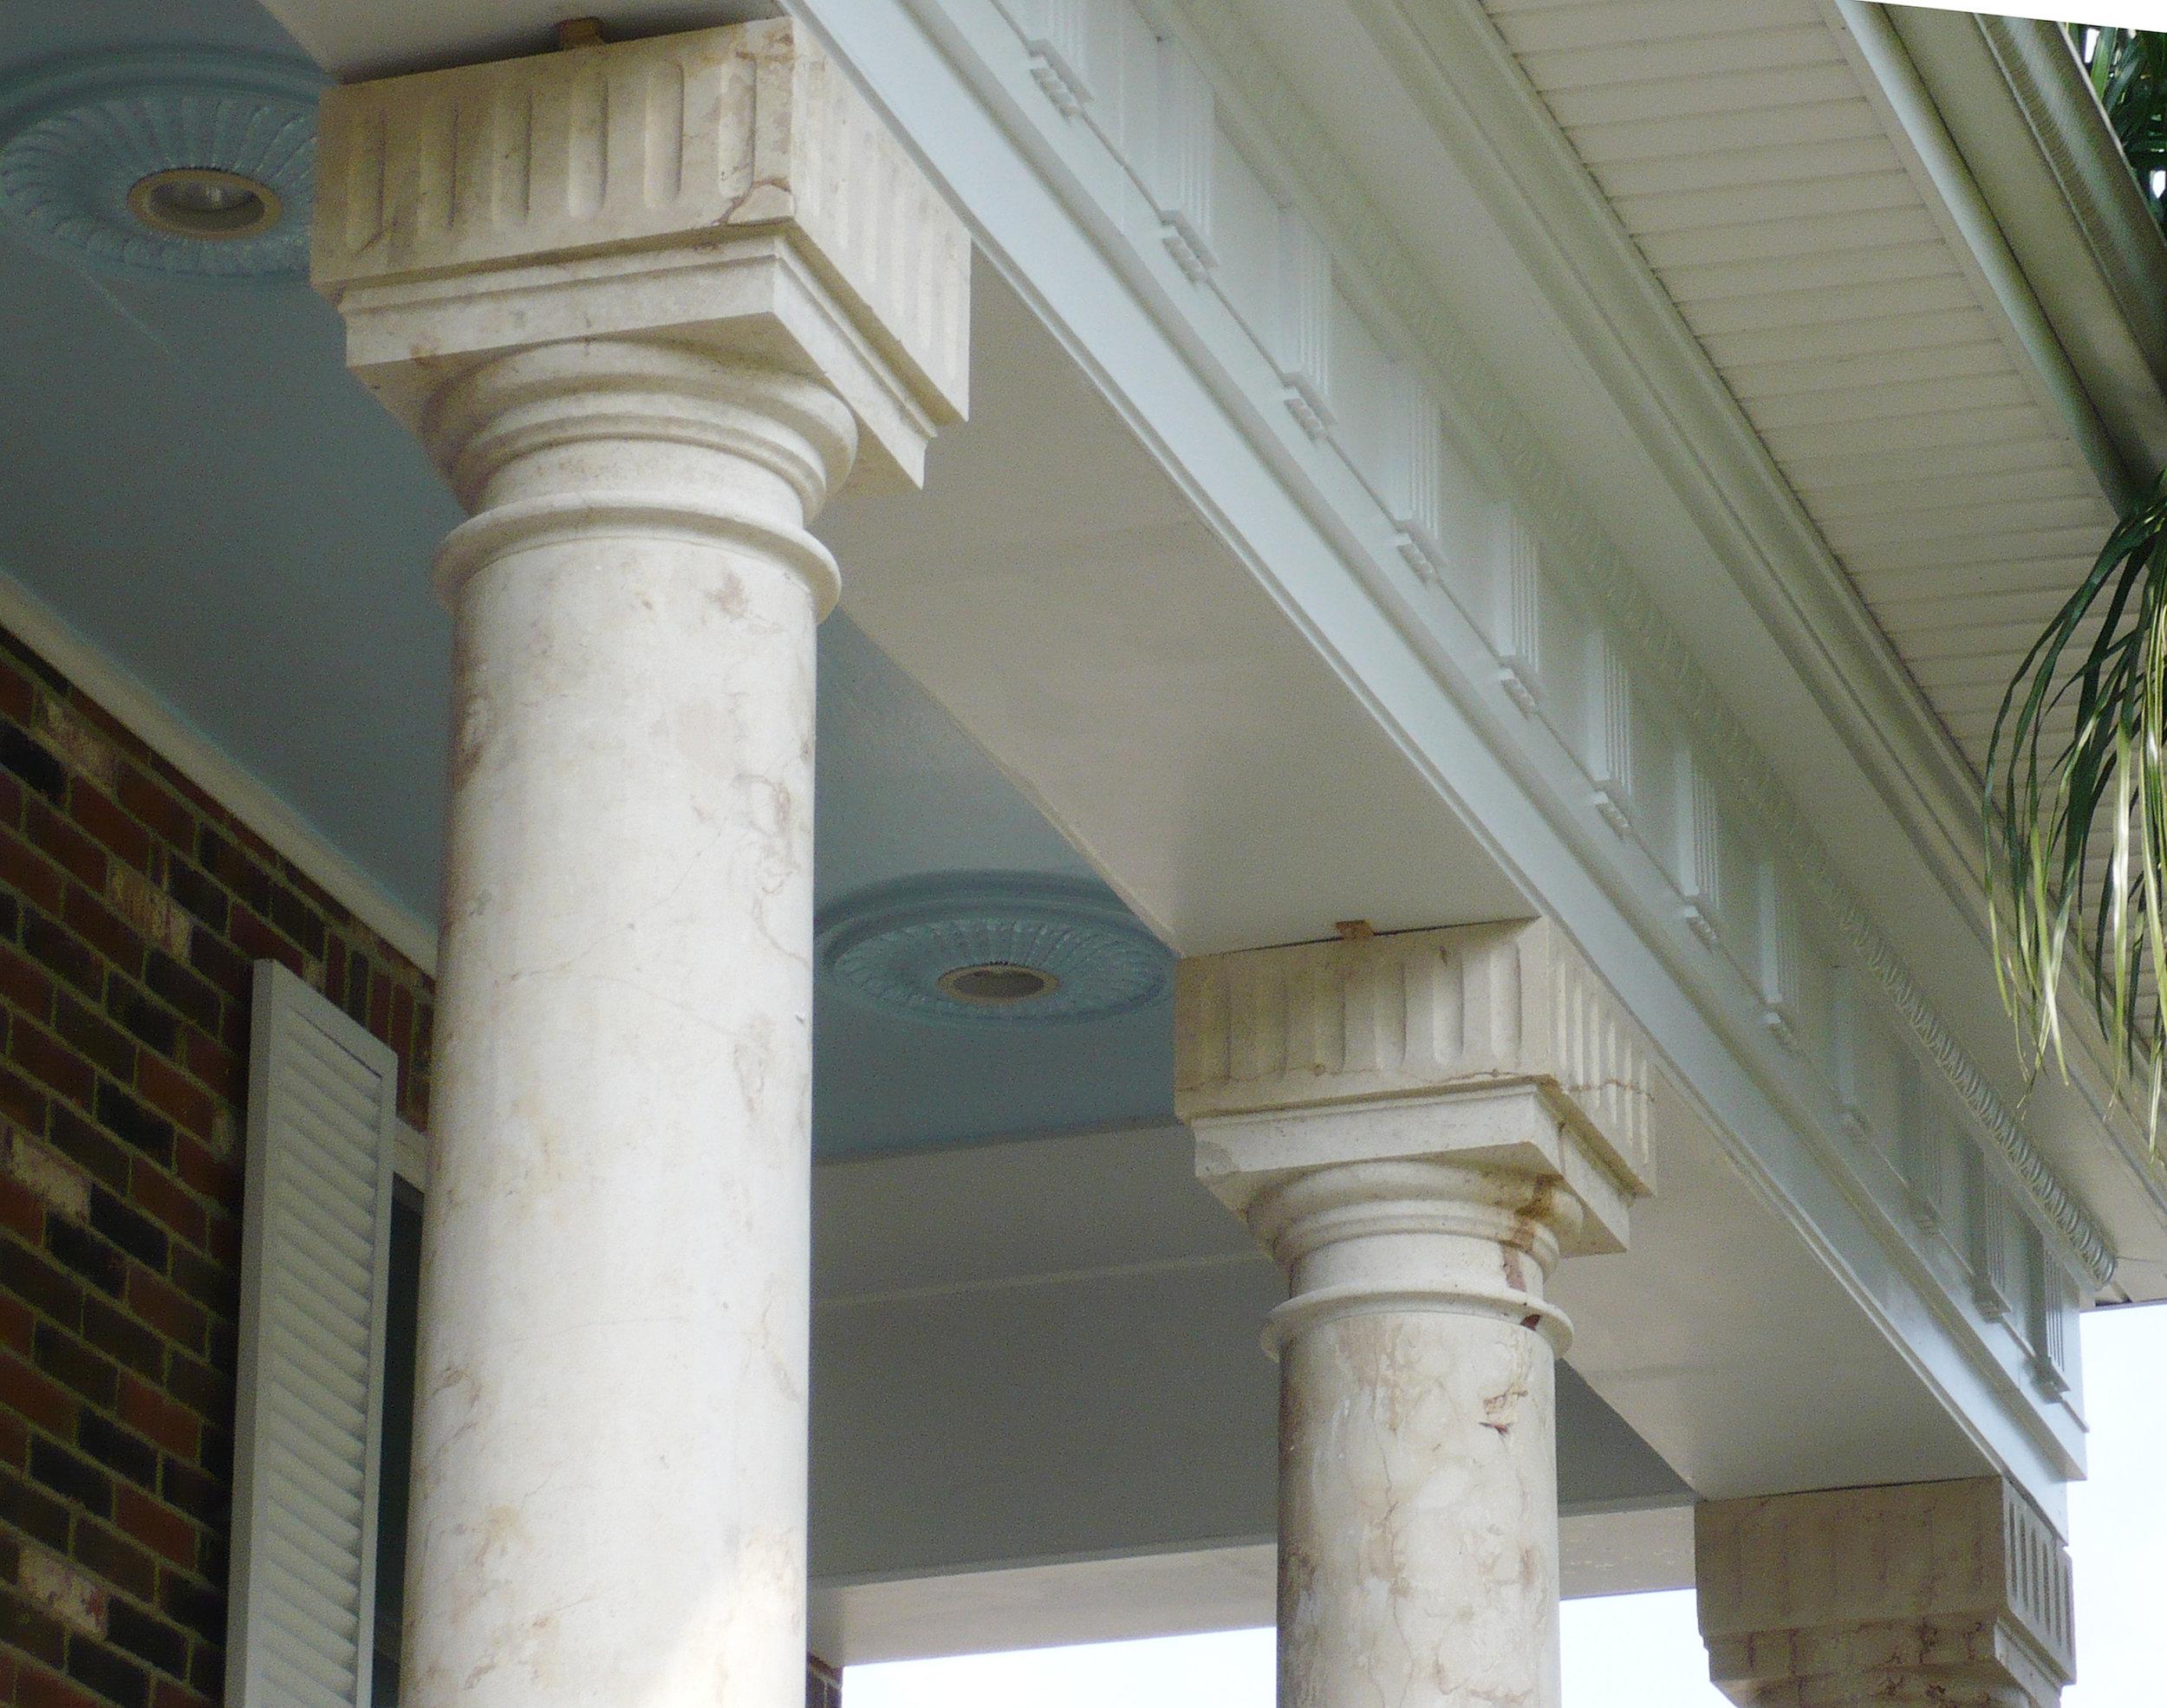 Polit columns. detail at top. May 09, 2009. P1040913.jpg